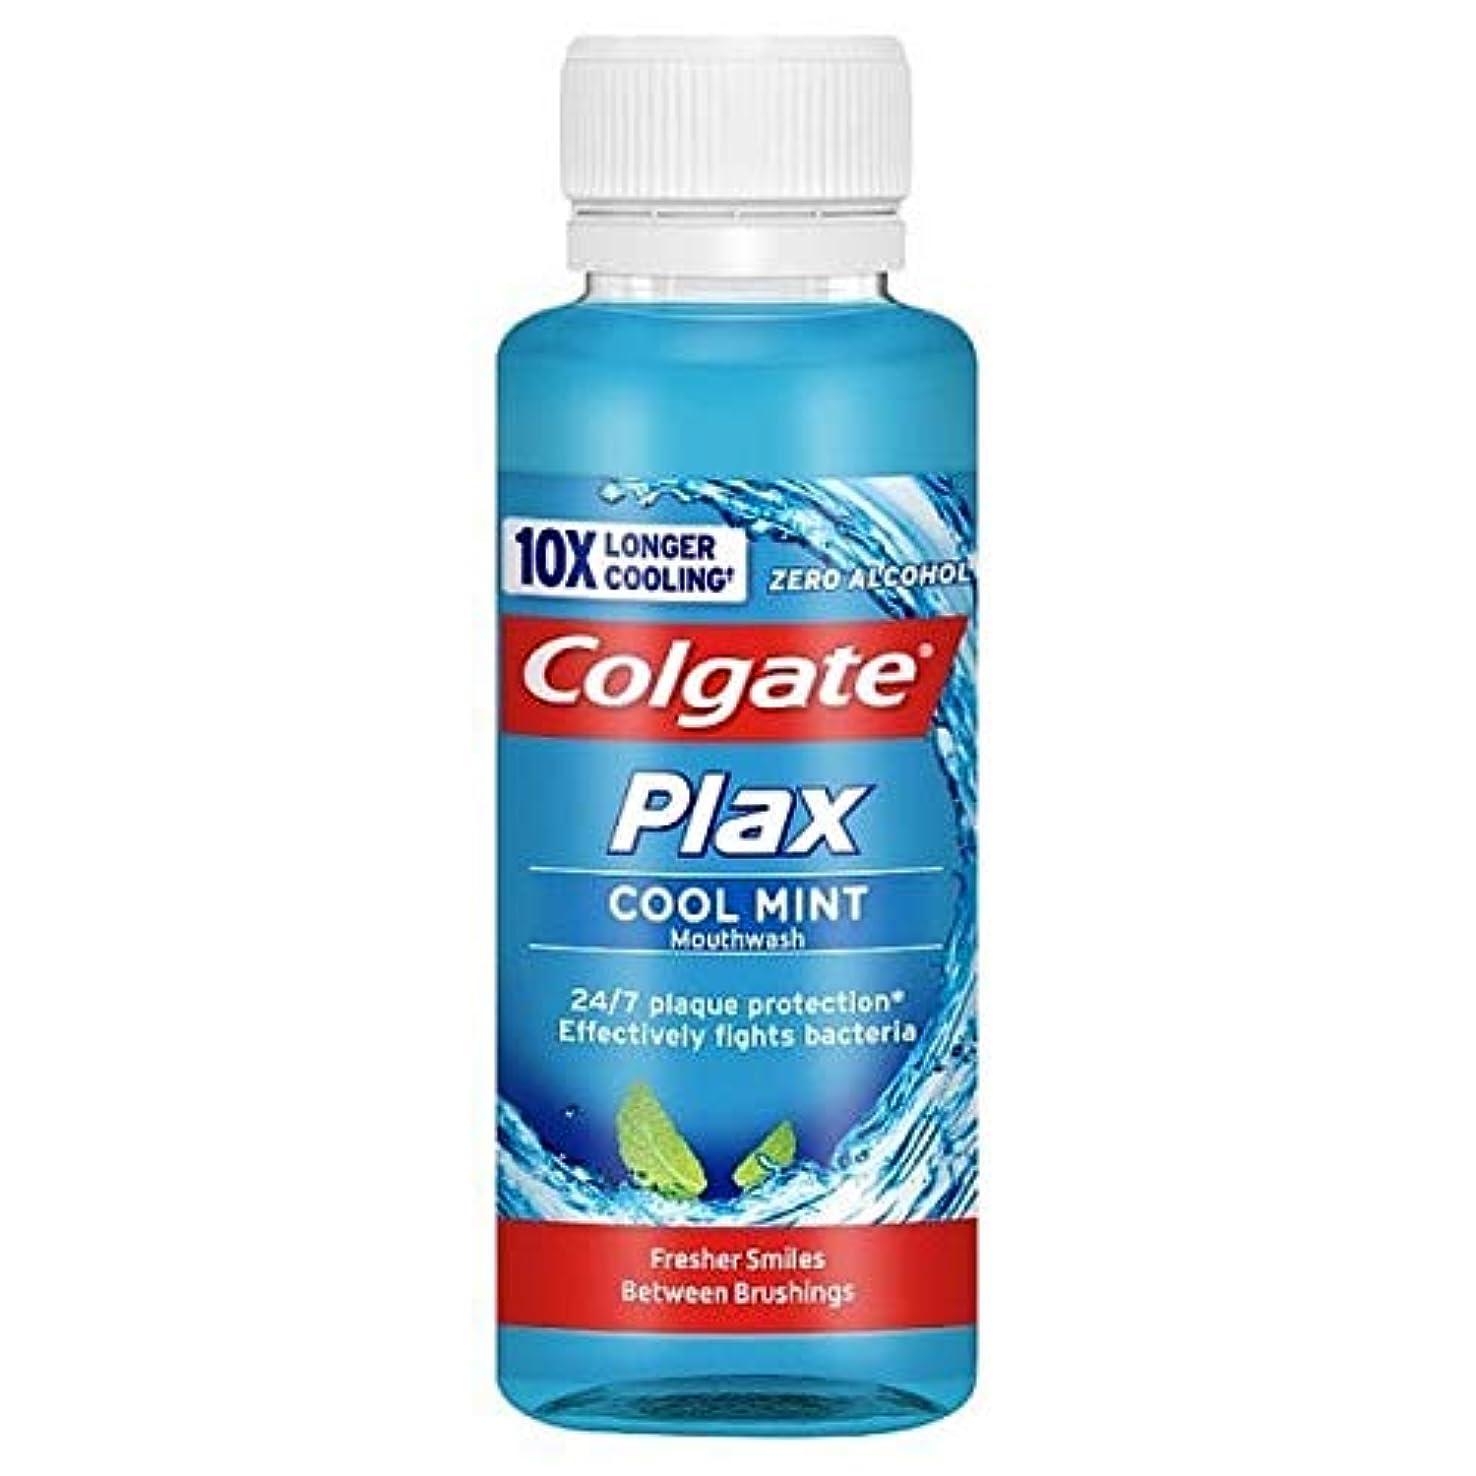 州警告するコンパニオン[Colgate ] コルゲートPlaxクールミントゼロアルコールマウスウォッシュ100ミリリットル - Colgate Plax Cool Mint Zero Alcohol Mouthwash 100ml [並行輸入品]